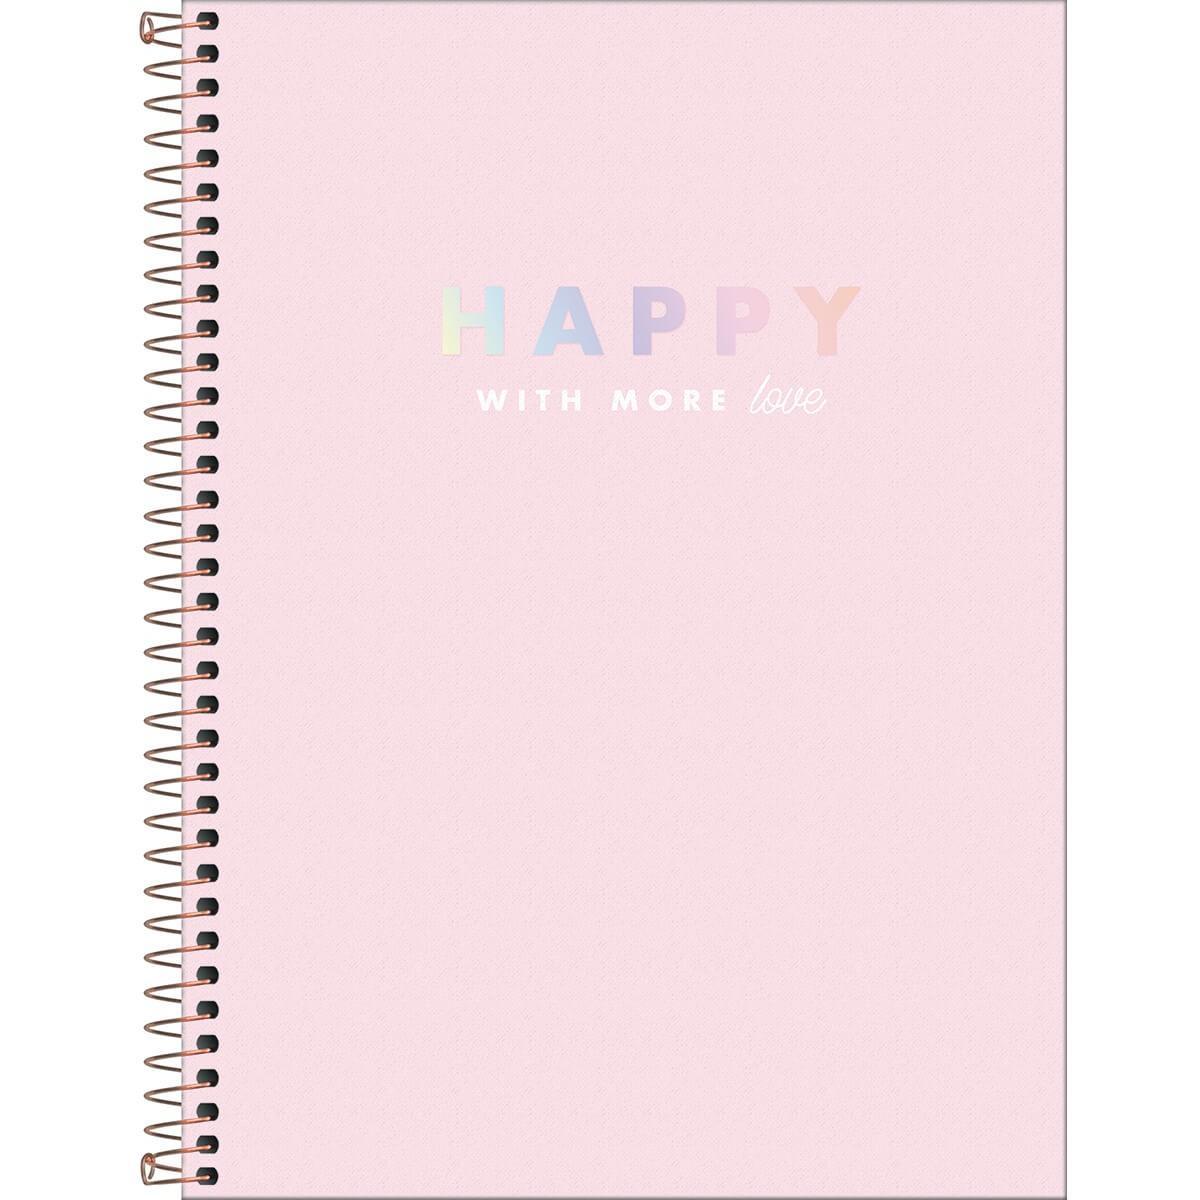 Caderno Espiral Capa Dura Universitário 10 Matérias Happy 160 Fls - Tilibra